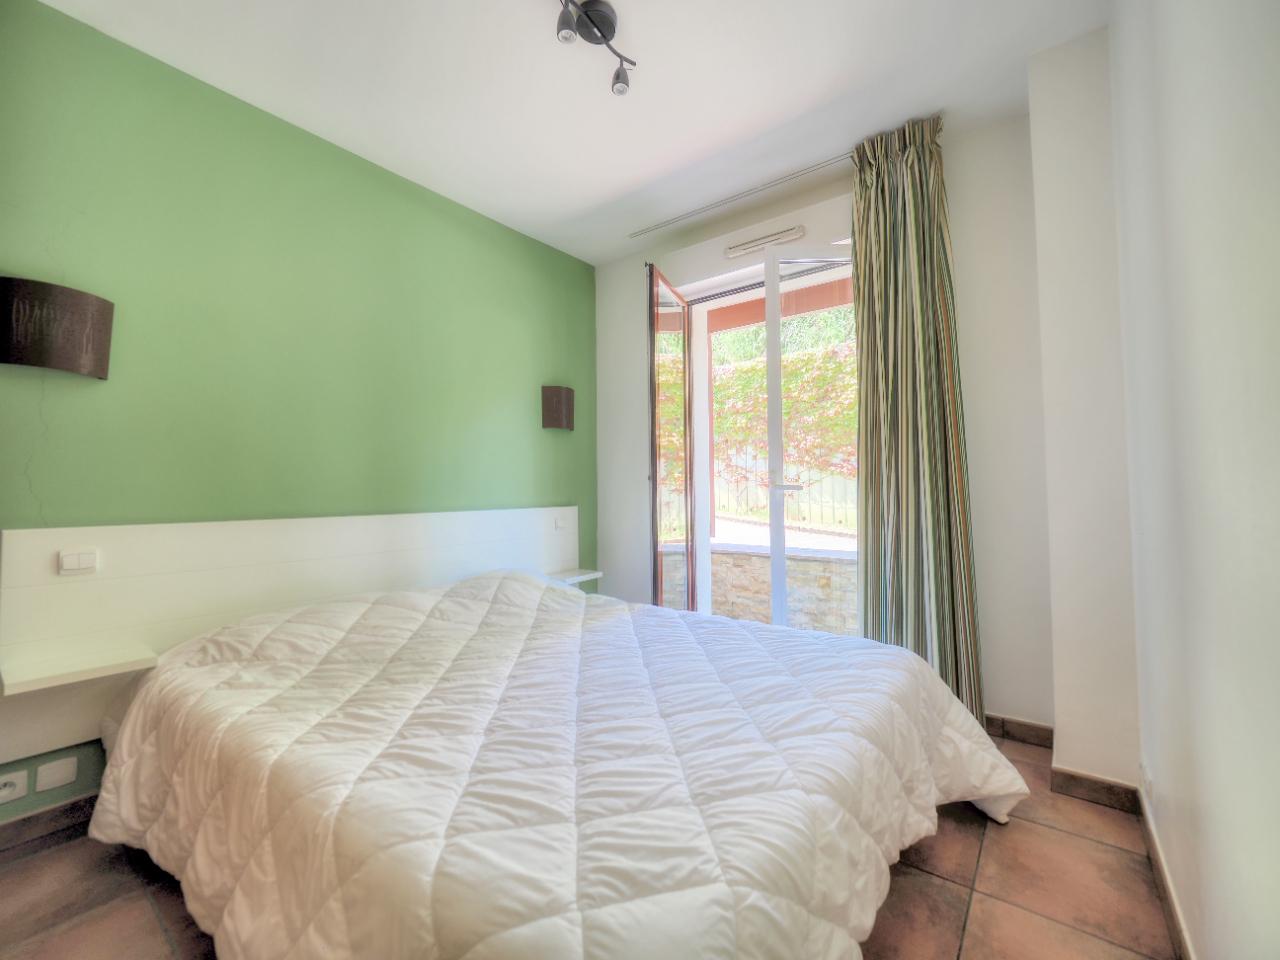 Vente appartement T2  à SAINT JEAN DE LUZ - 5